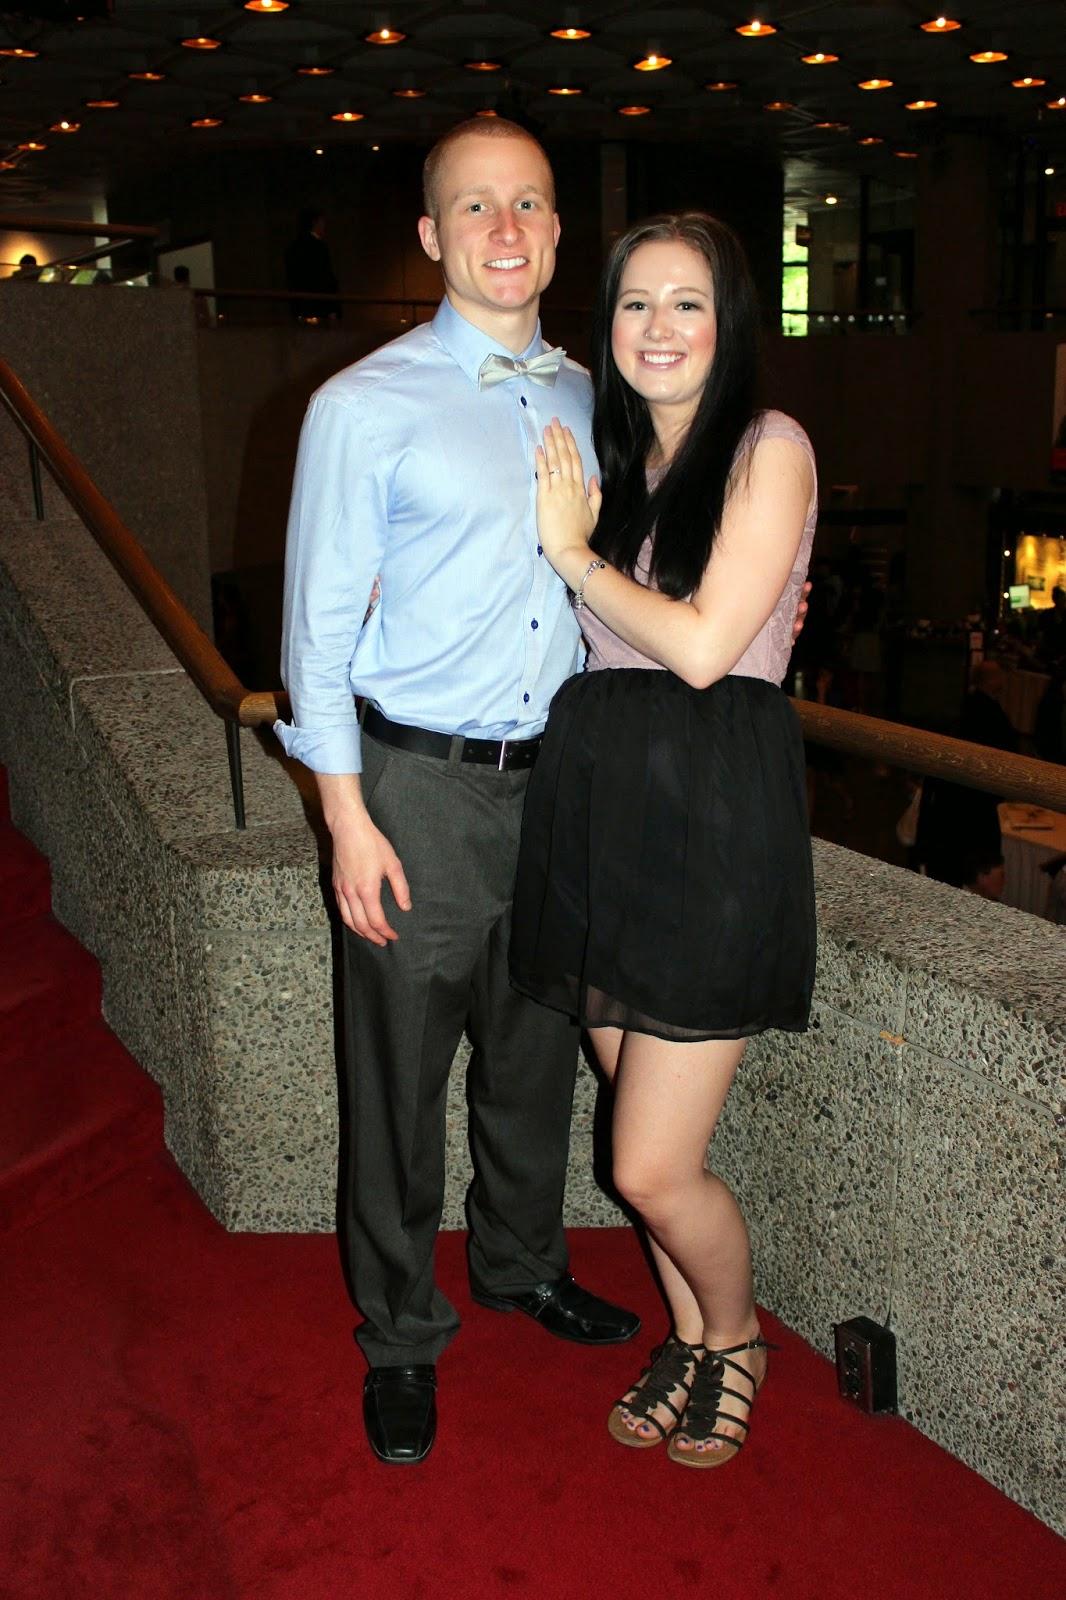 Graduation Ceremony Couple